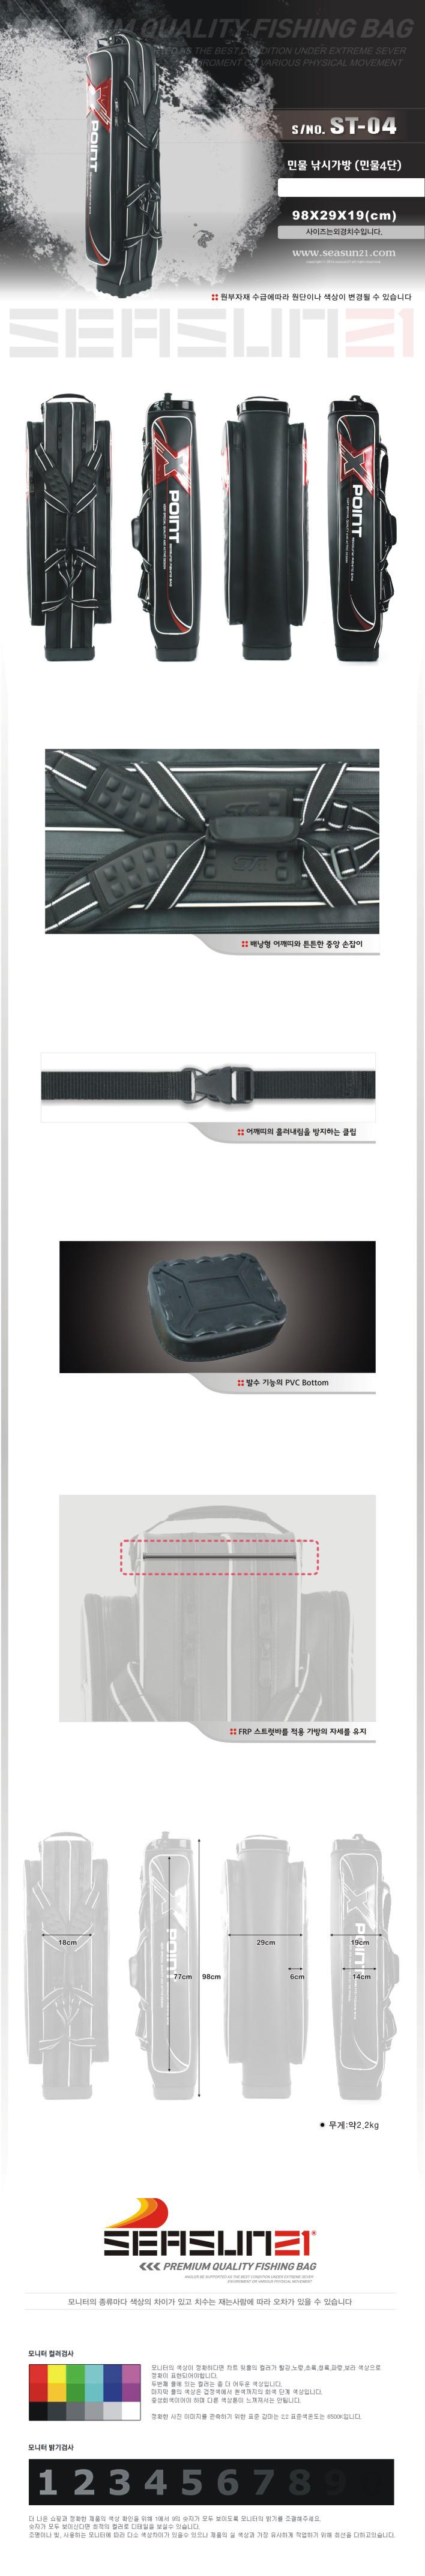 가방 민물가방 시선가방 4단가방 낚시대가방 시선 4단 민물가방 ST-04